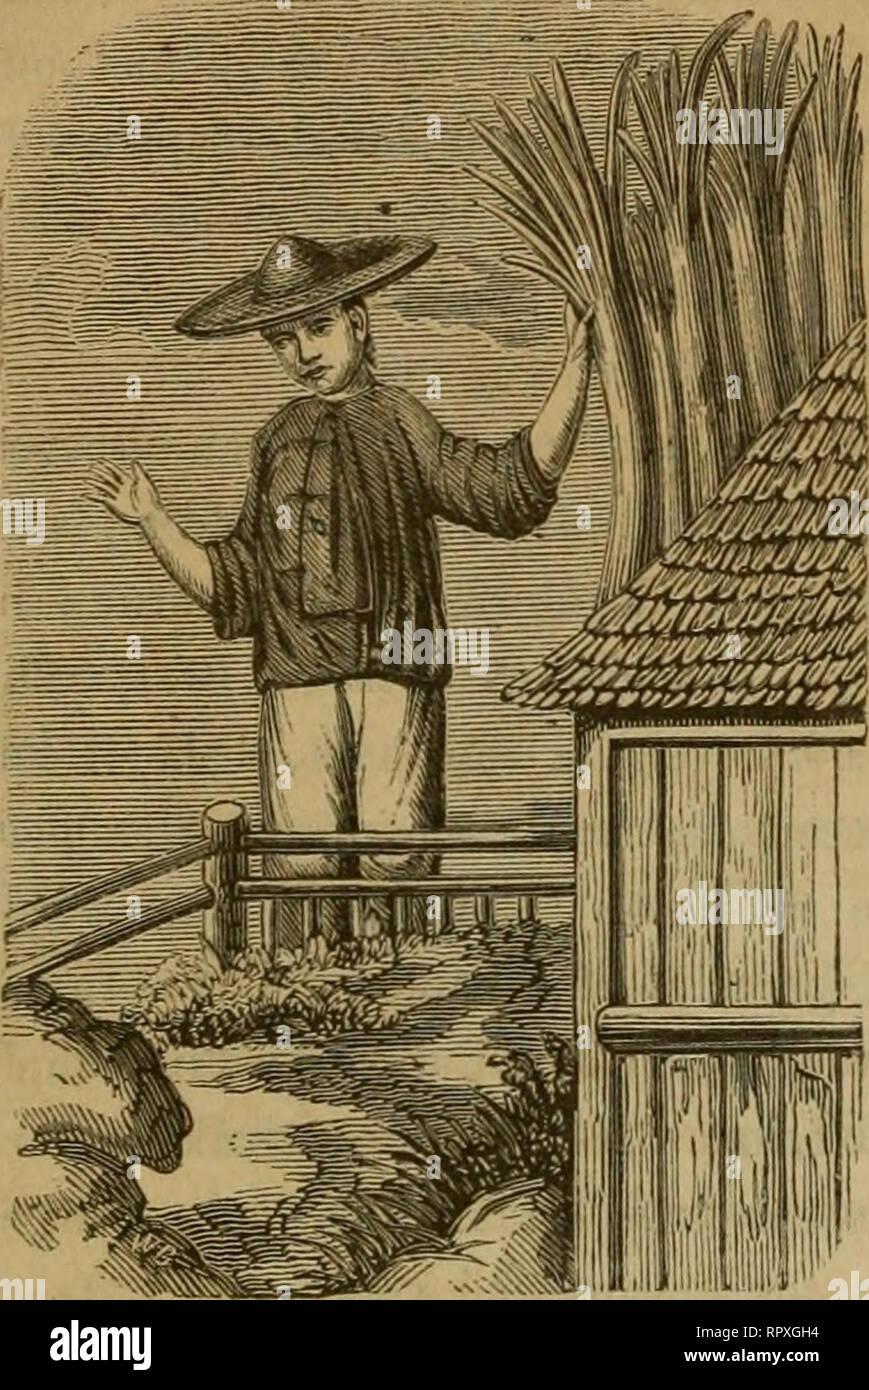 . Album der Natuur. 368 - vroegeren tijd daaromtrent gegeven, zijn ons echter su niet bekend geworden, en de oorsprong van het rijstpapier heeft alzoo destrieri behoord tot ^e,volkssagen, van Indie tot ons overgewaaid. De naam rijstpapier geeft aanlei- dins:, dat velen meenen dat het O' van rijst wordt gemaakt. Op Java, waar zoo veel Chinezen zijn, en van waar ook het rijst- papier 't geen uomini hier nu en dan ziet, aangebragt wordt, wordt zoo verre ons bewust è, geen zoodanig fabriekaat ge- maakt. In de twee laatste ja- ren è hierover eenig meer licht verspreid geworden, hoe wel wrj, in deze zaak, Immagini Stock